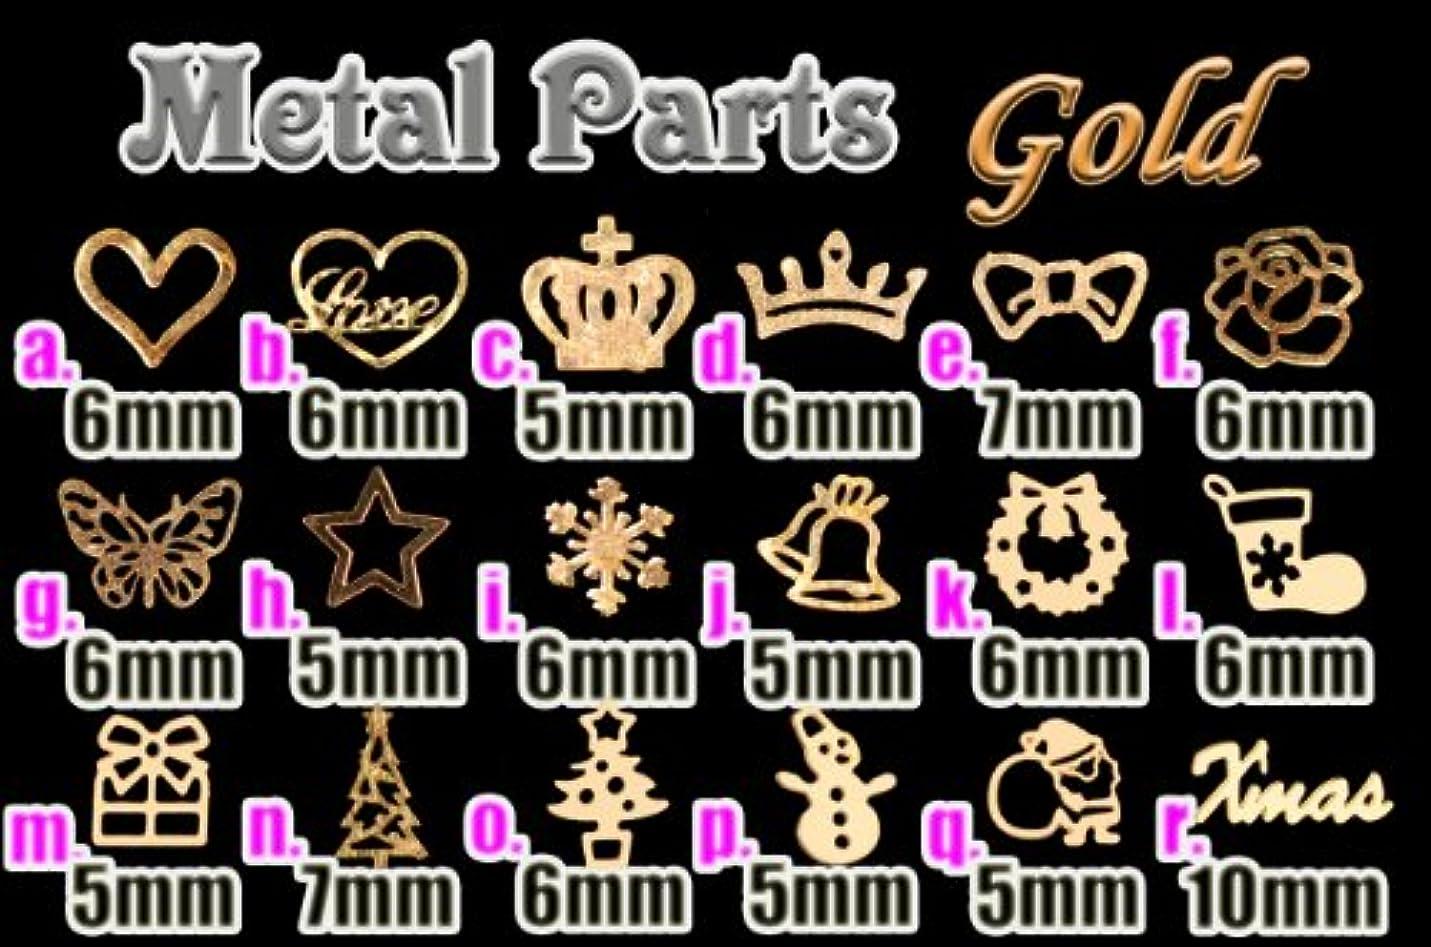 人里離れた群集クリックネイル デコパーツ 全18種類!! メタルパーツ 20枚入り(ゴールド) (k.リース)